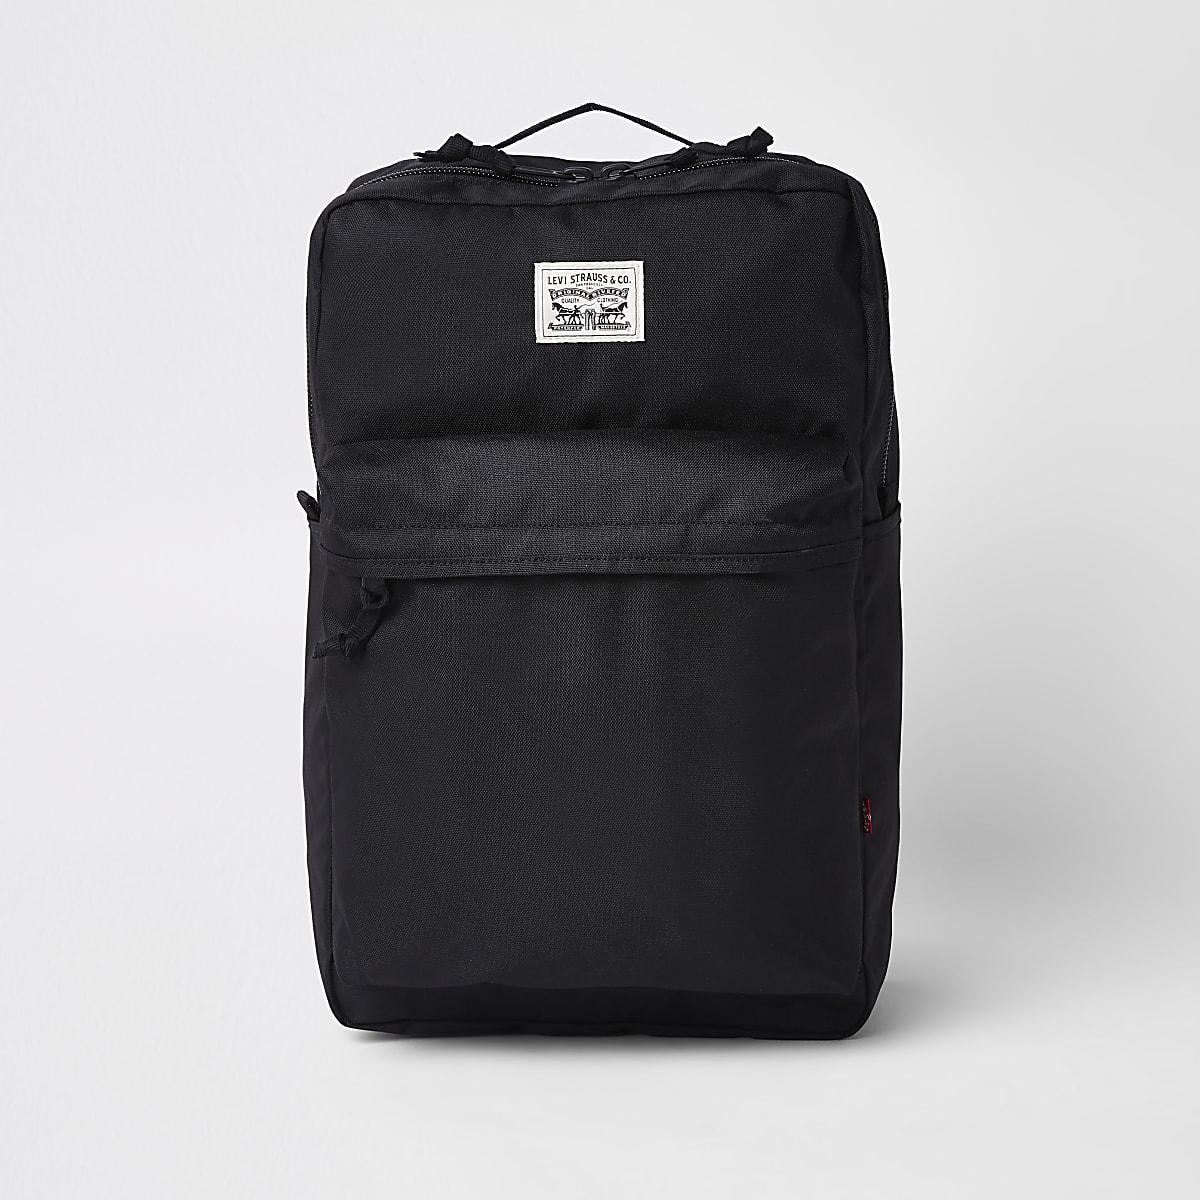 b93349472f3 Levi's black backpack - Backpacks / Rucksacks - Bags - men